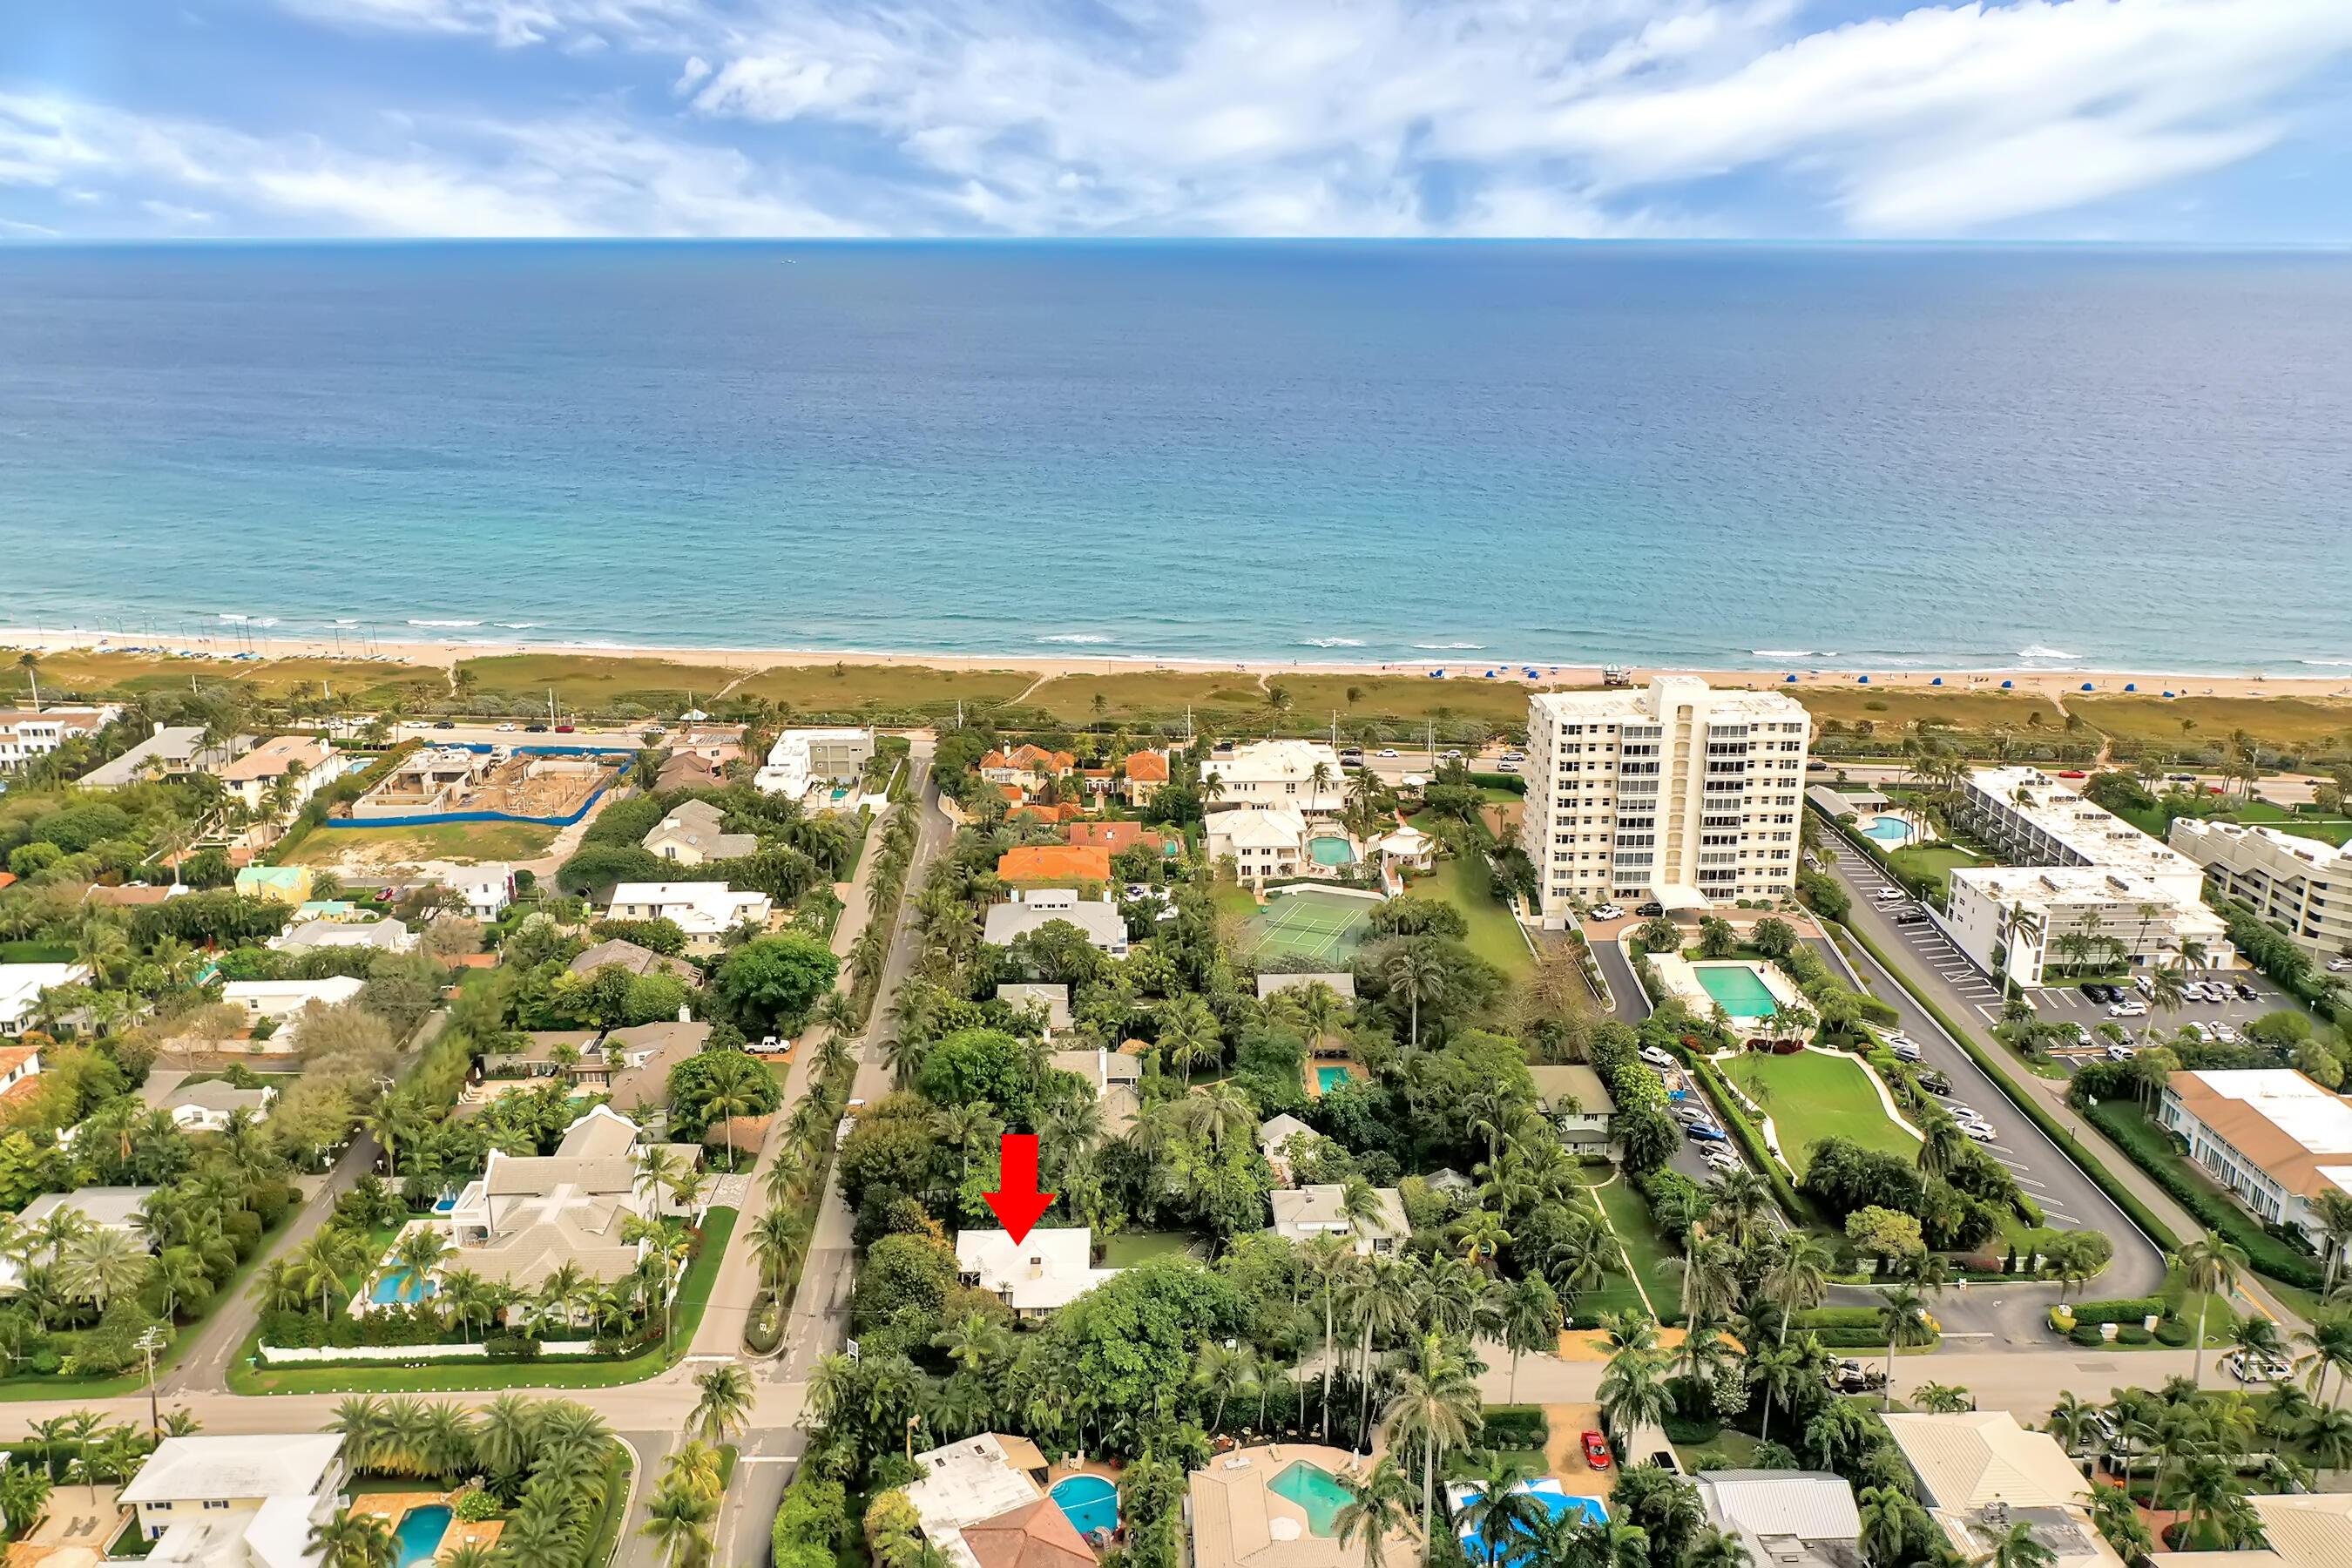 1202 Vista Del Mar Drive, Delray Beach, Florida 33483, 6 Bedrooms Bedrooms, ,2.1 BathroomsBathrooms,Single Family Detached,For Sale,Vista Del Mar,RX-10695110